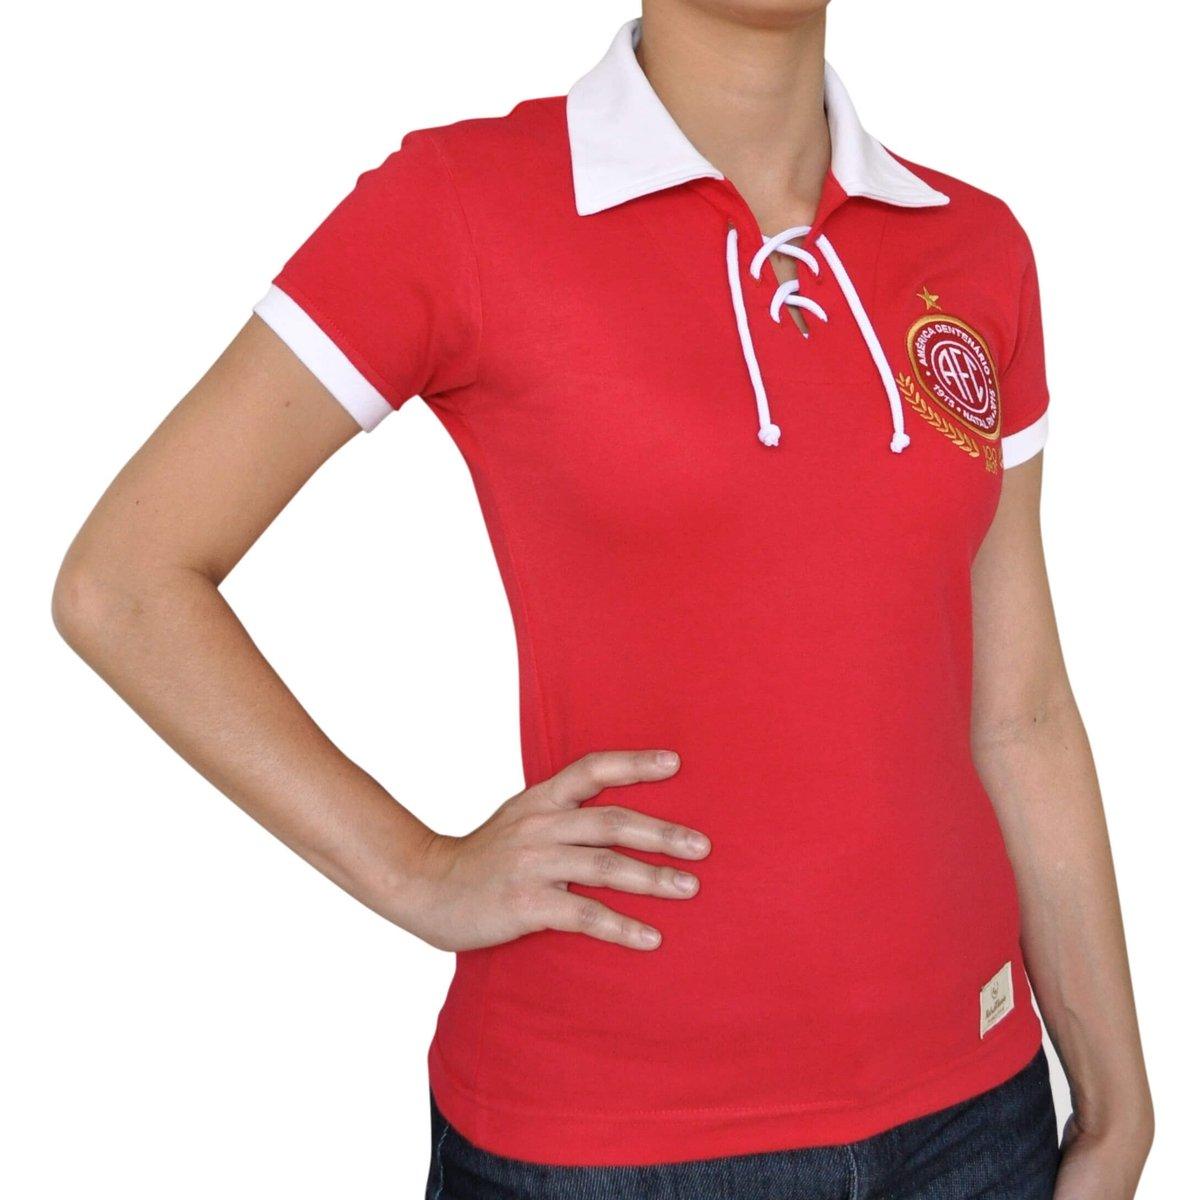 Camisa Retrô Mania Feminina América Centenário - Compre Agora  7f8be81c4ef43